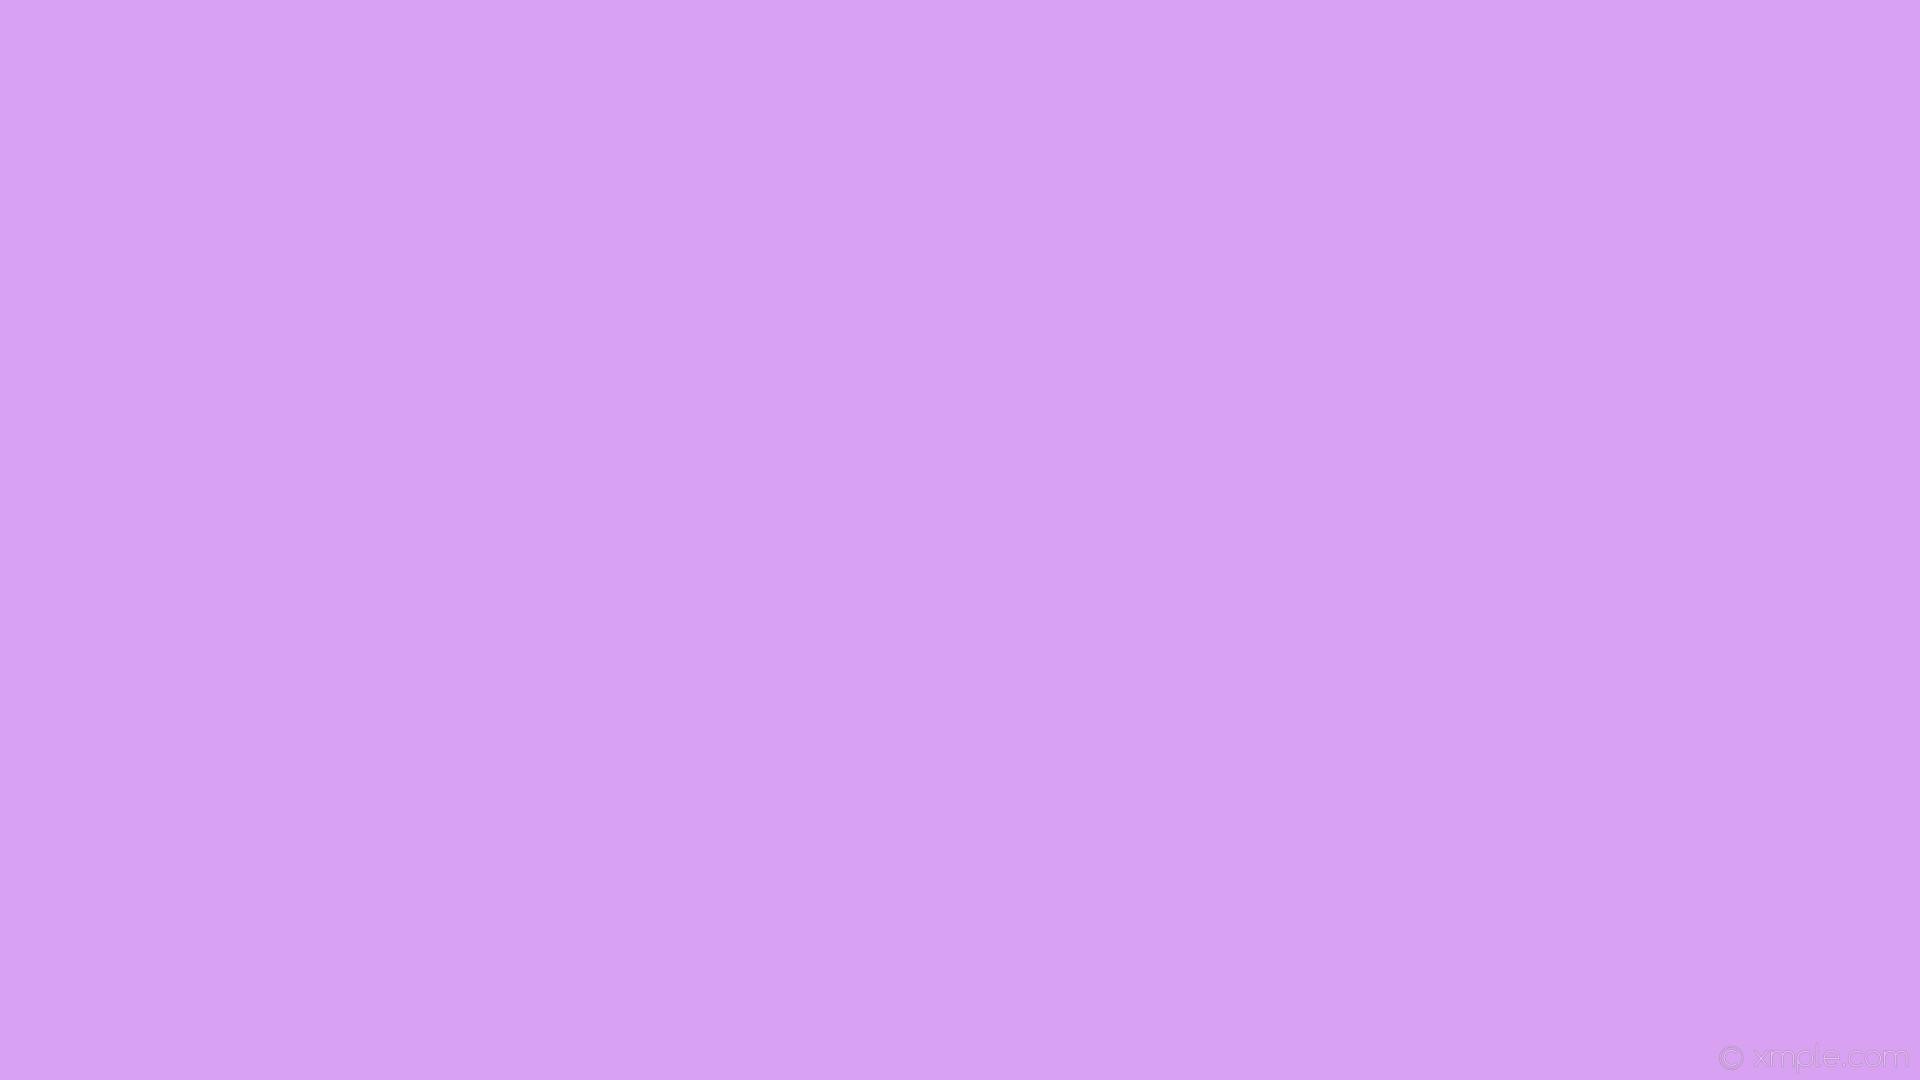 wallpaper solid color one colour single plain violet #d9a1f1